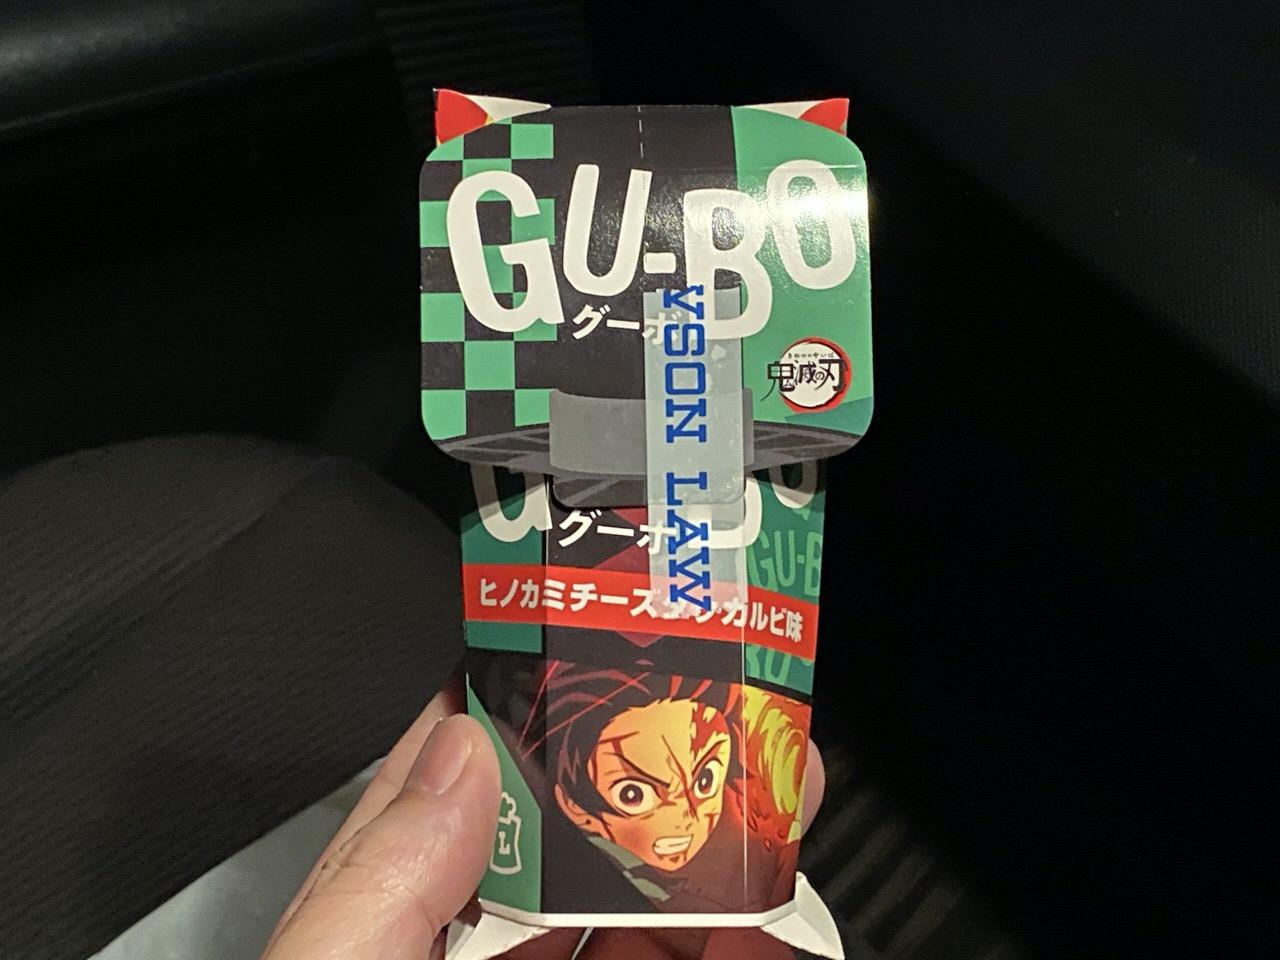 鬼滅の刃とコラボした「グーボ」ヒノカミチーズタッカルビ味を食べてみた!